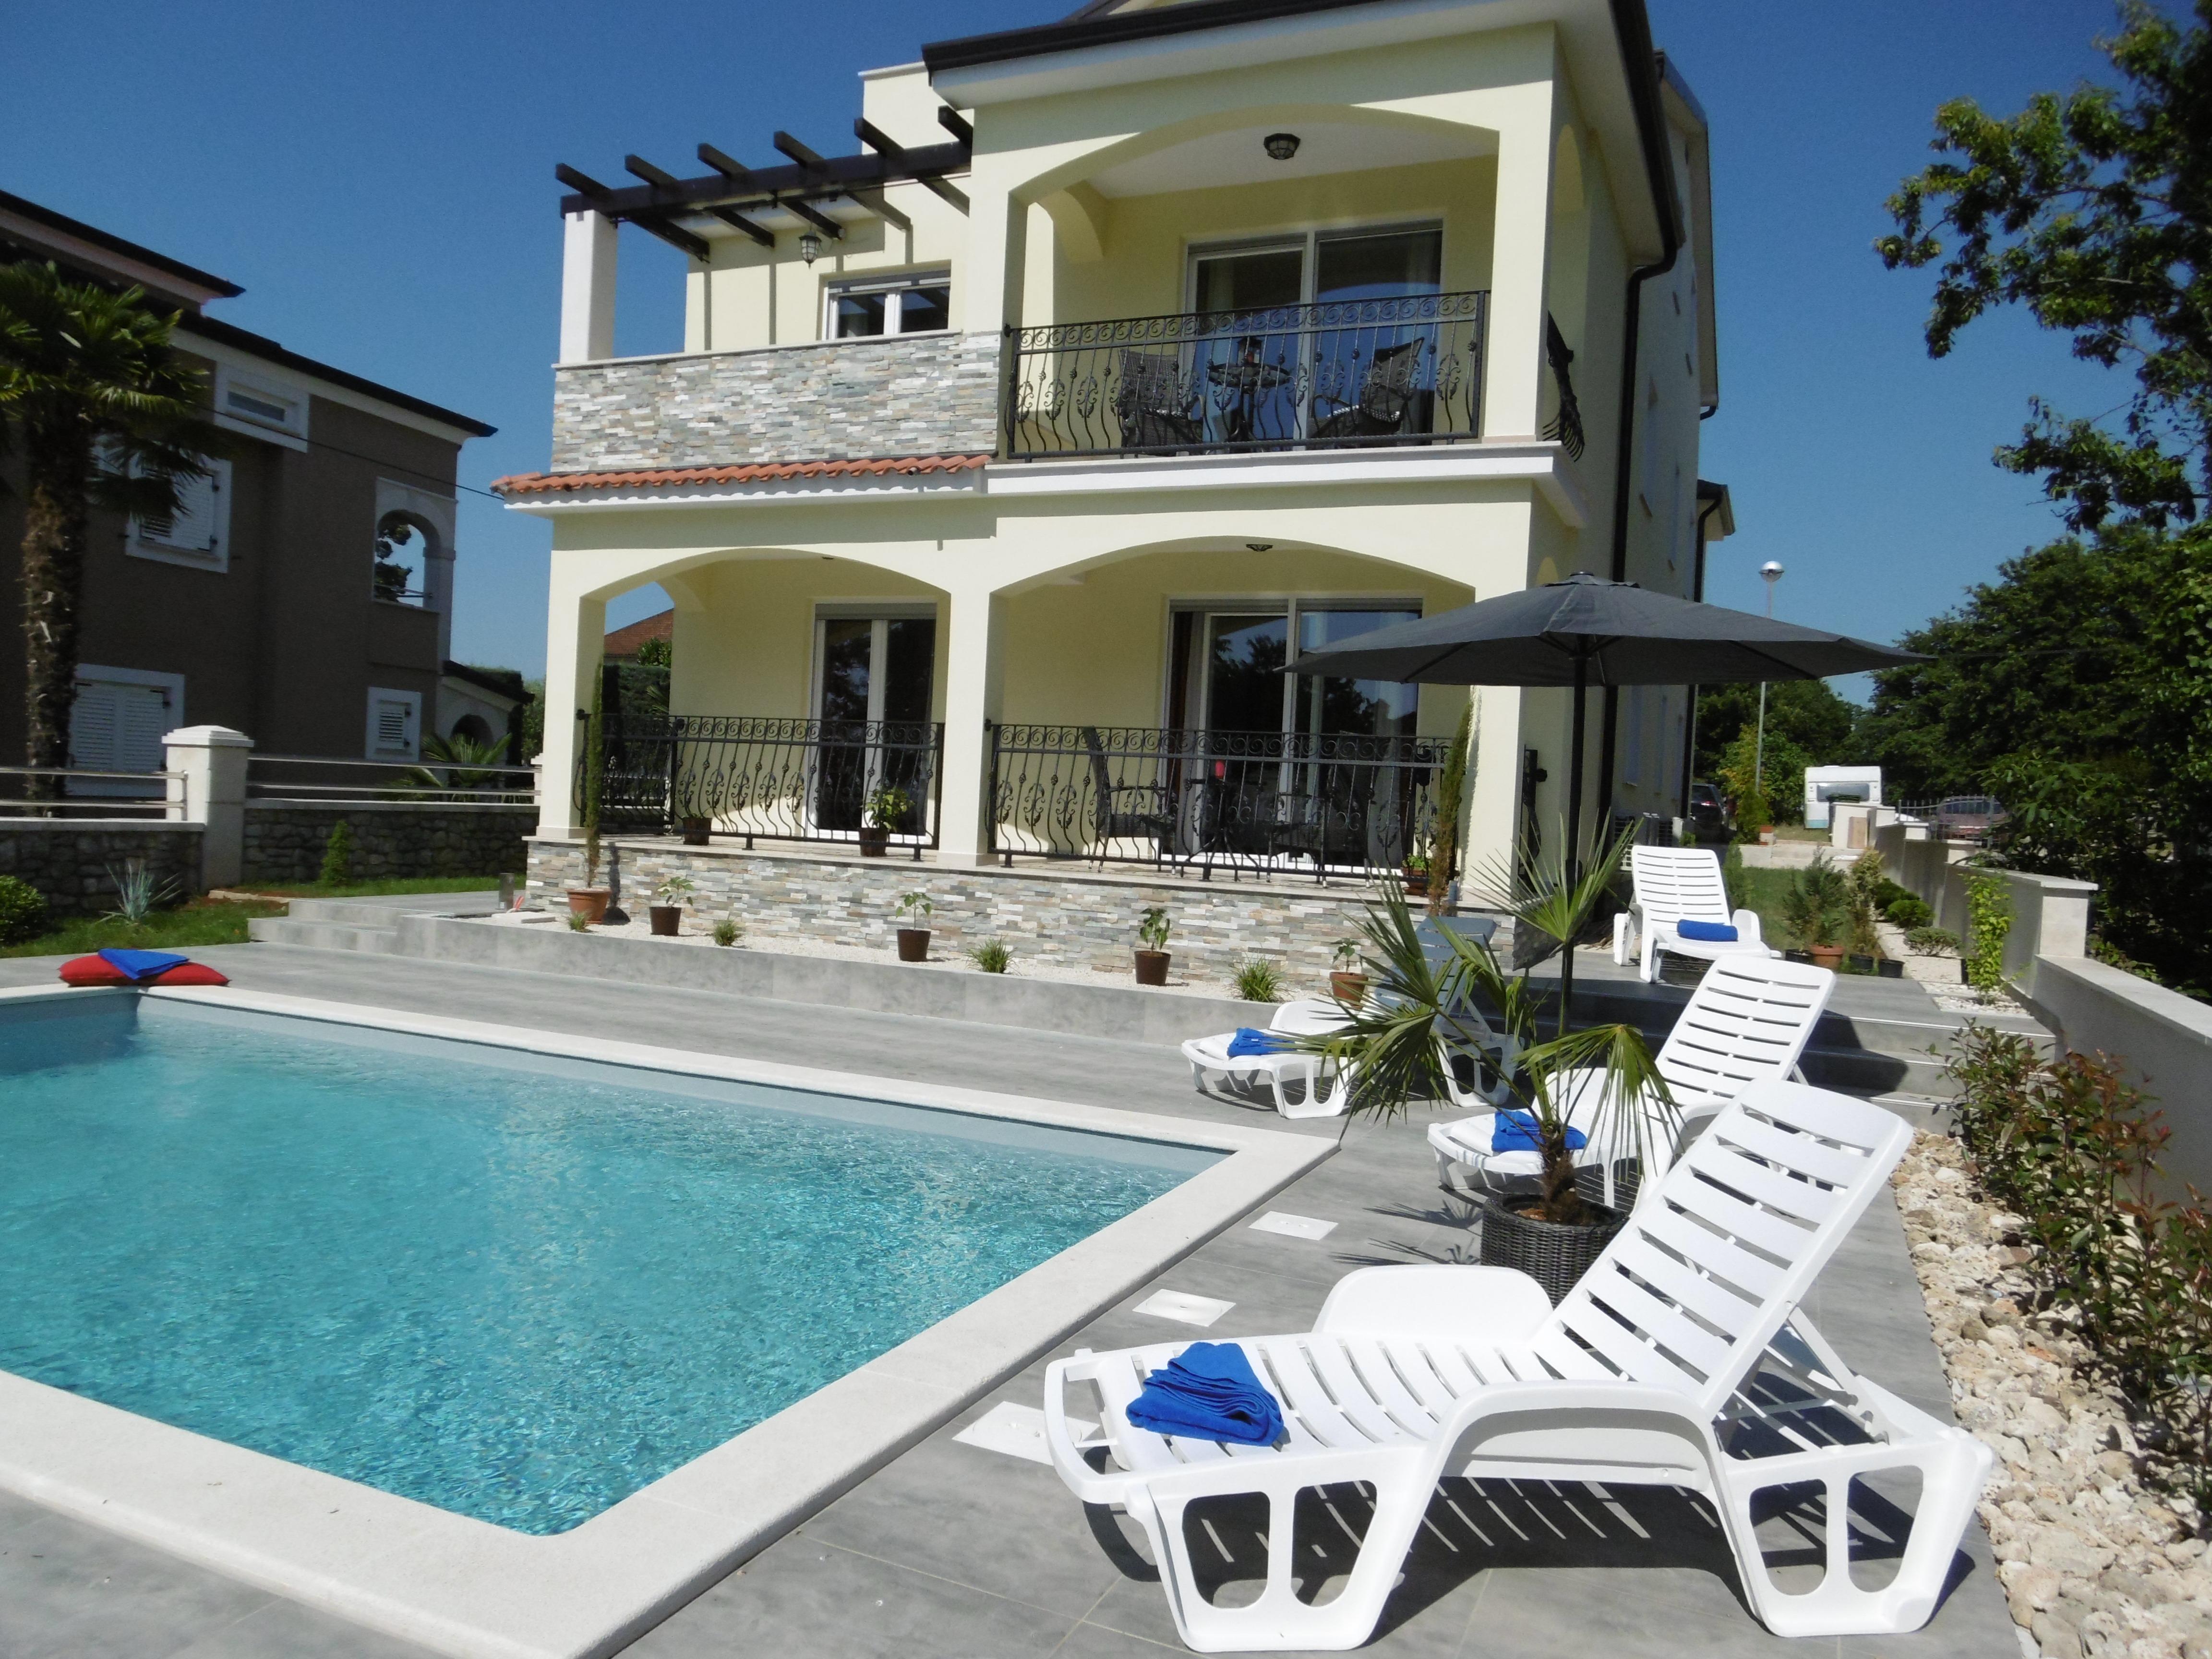 villa luka apartment creme 2 4 personen ferienwohnungen ferienh user villas istrien. Black Bedroom Furniture Sets. Home Design Ideas